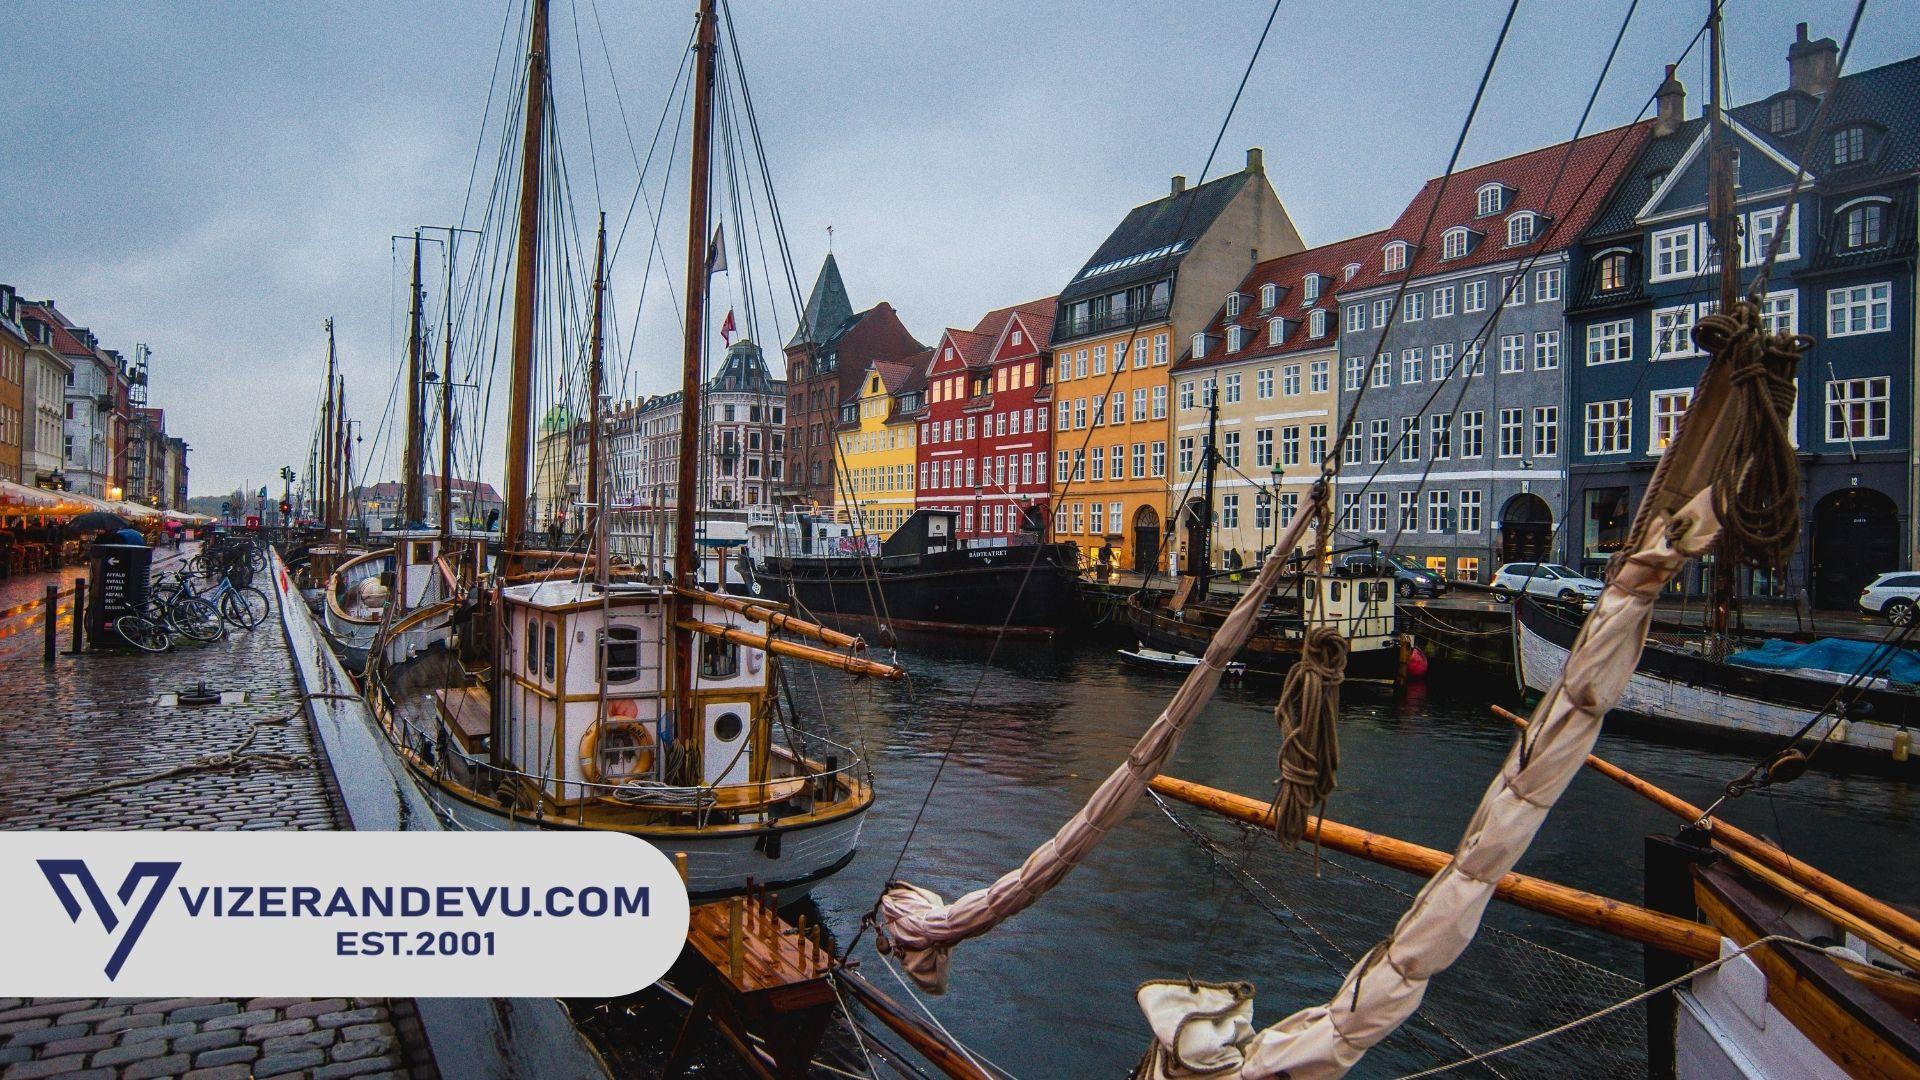 Danimarka Oturum ve Vatandaşlık Başvurusu